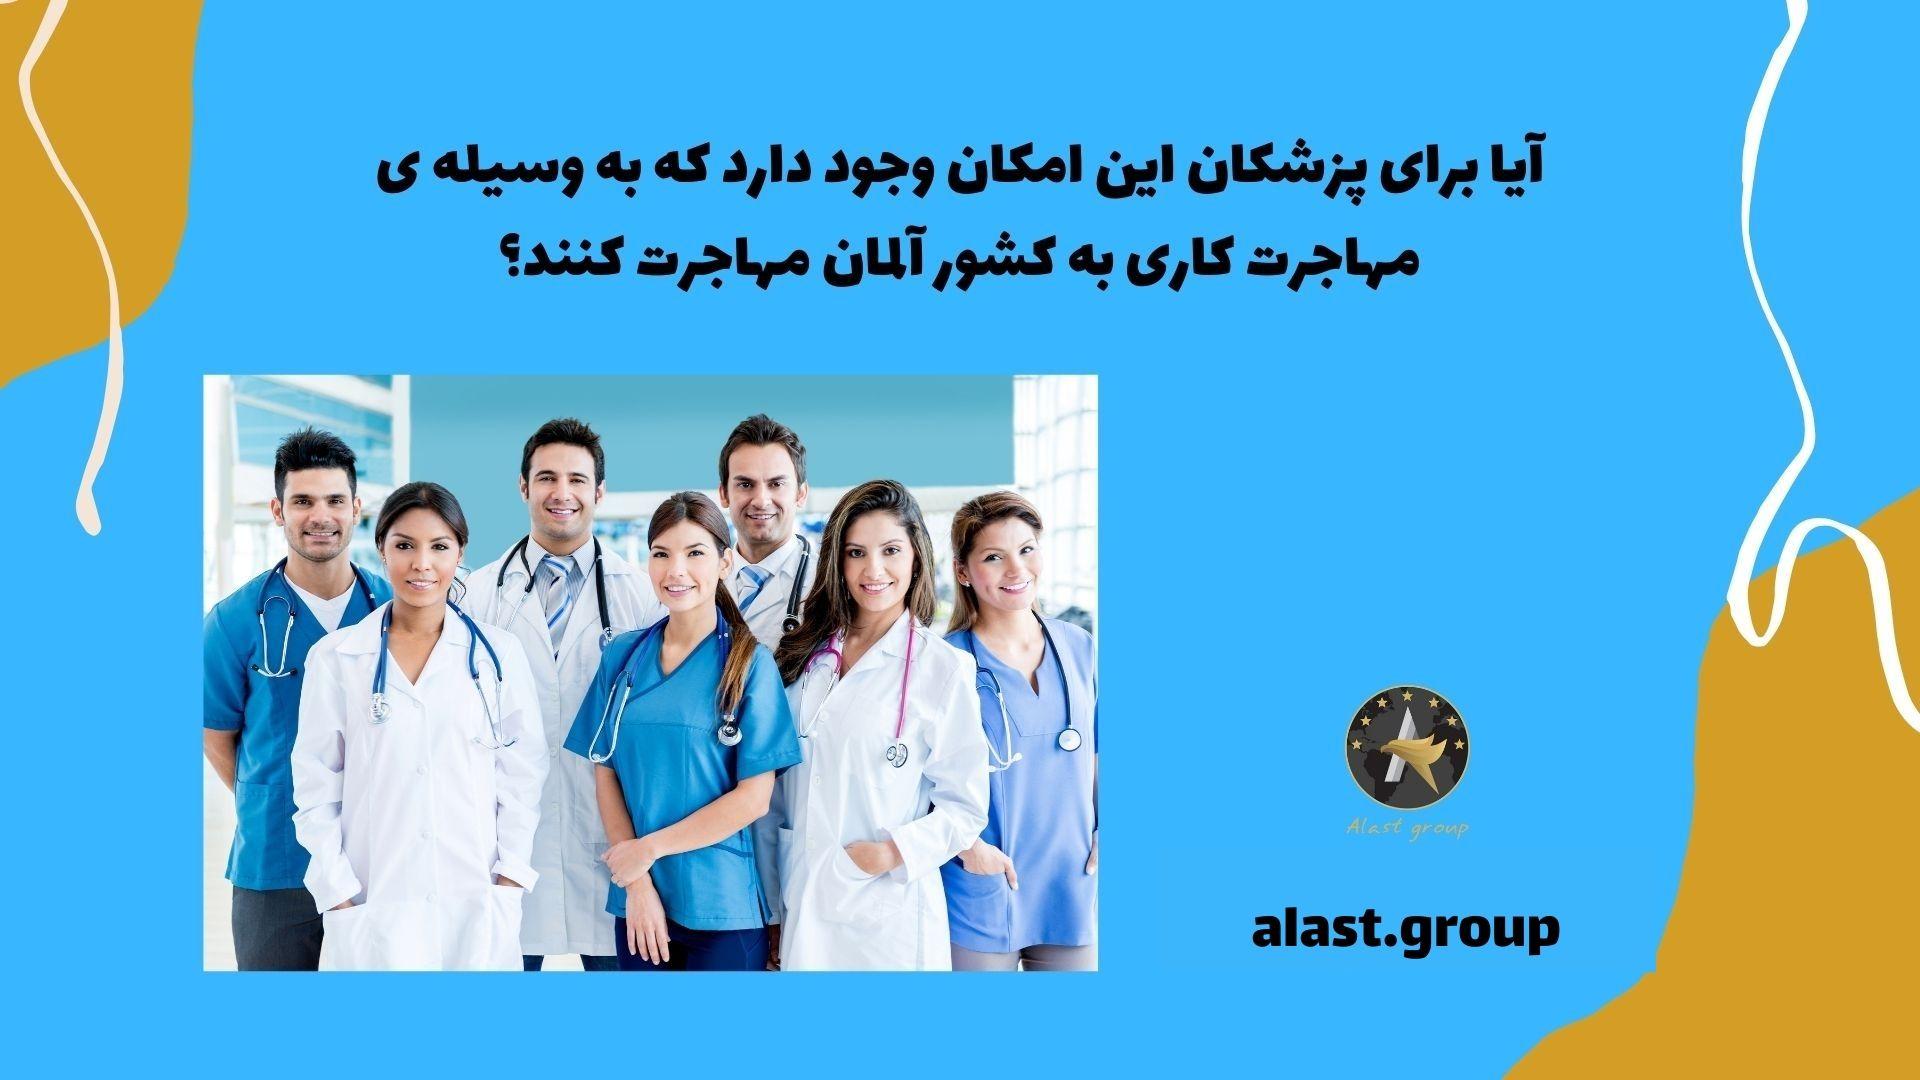 آیا برای پزشکان این امکان وجود دارد که به وسیله ی مهاجرت کاری به کشور آلمان مهاجرت کنند؟